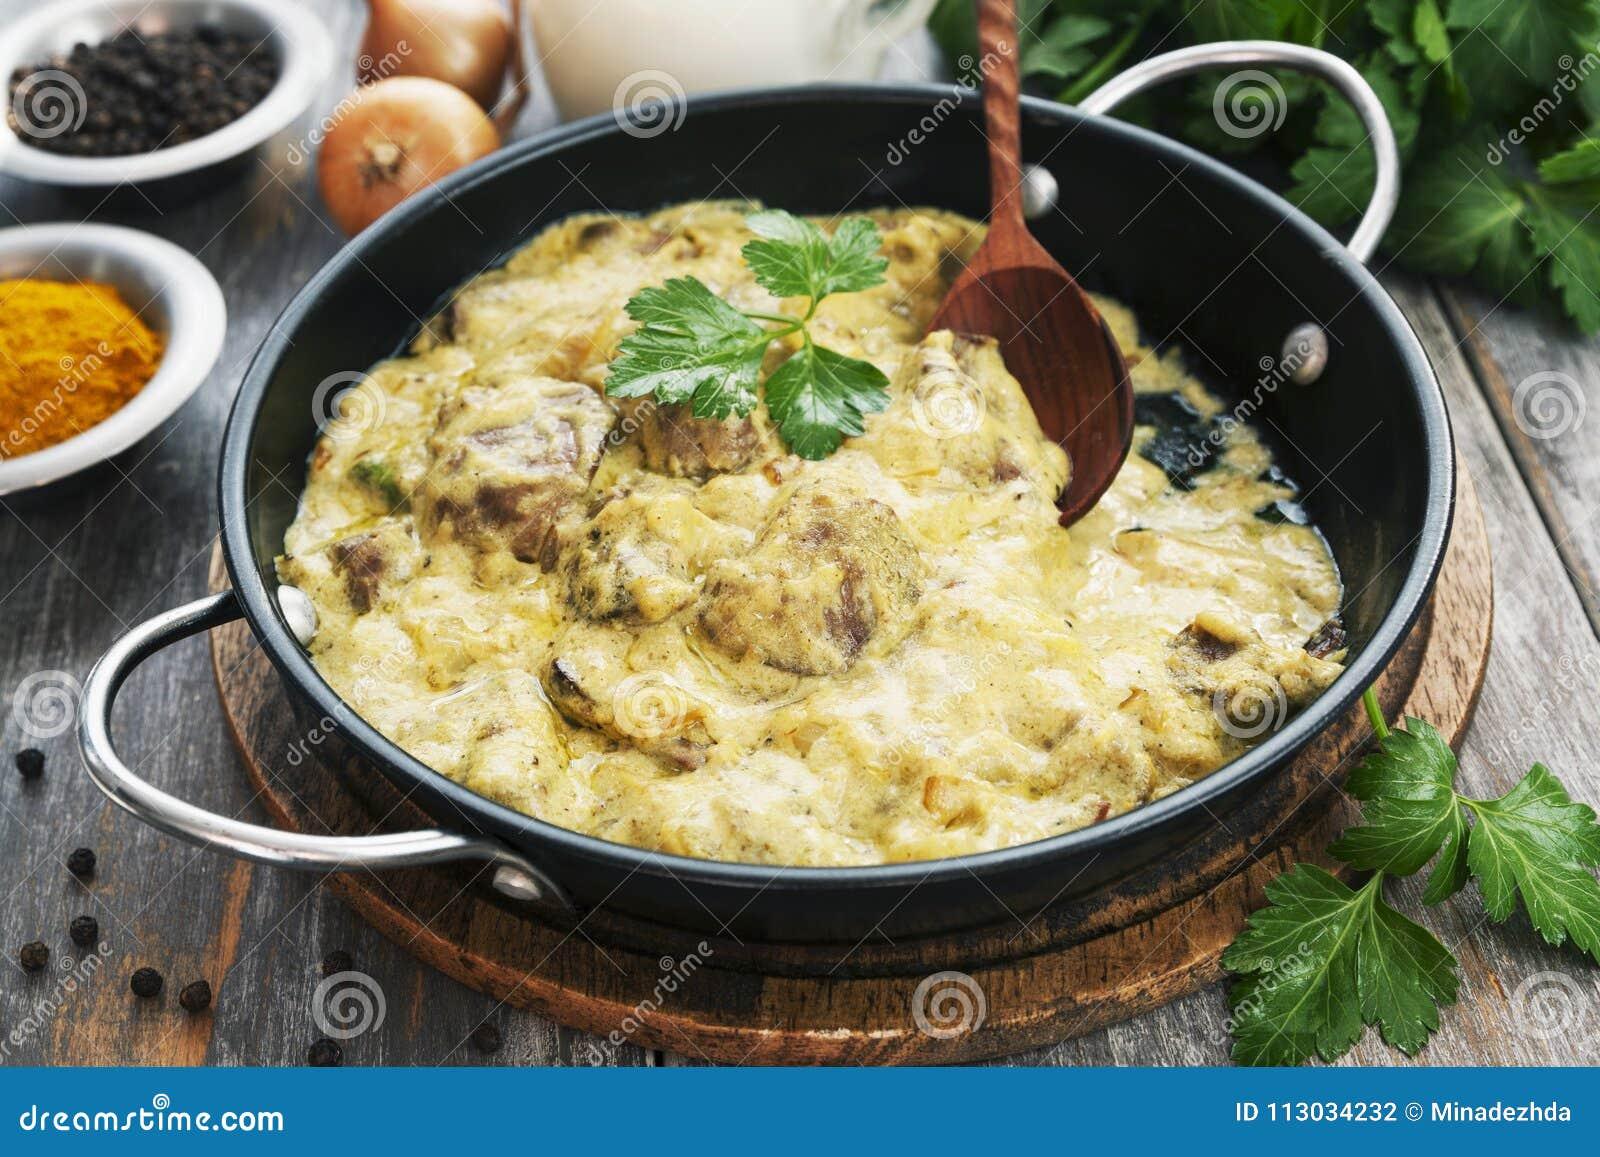 Hígado de pollo en salsa cremosa con curry